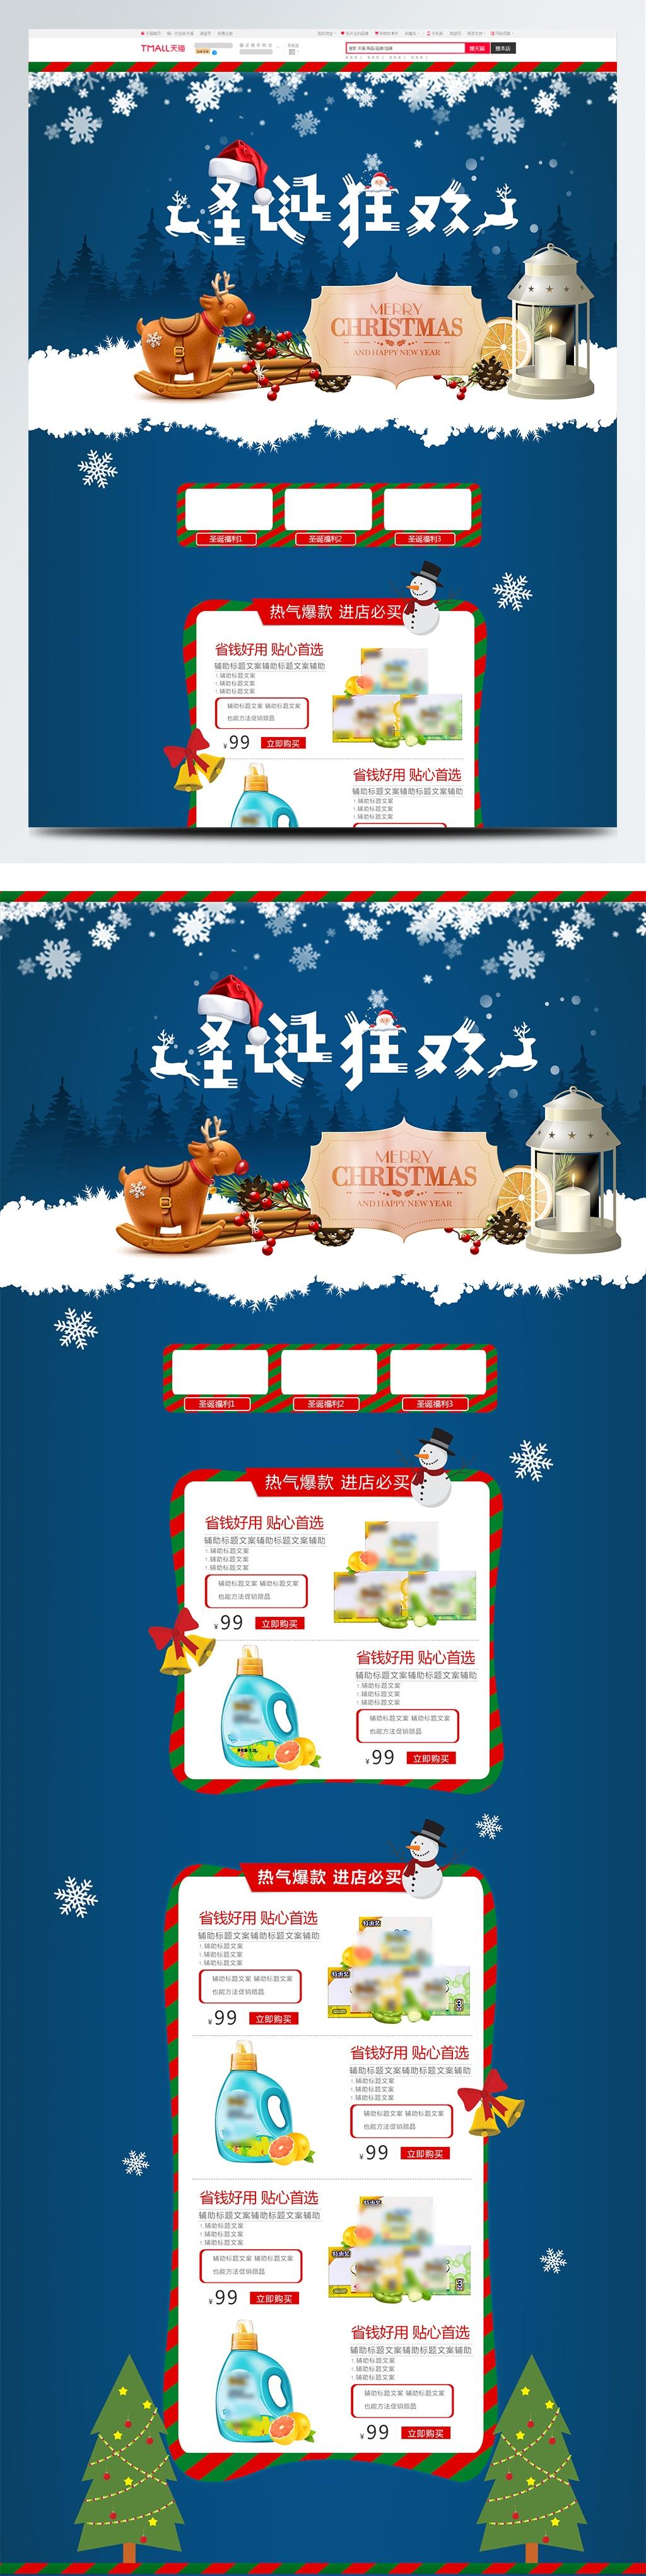 蓝色卡通圣诞节圣诞狂欢店铺首页